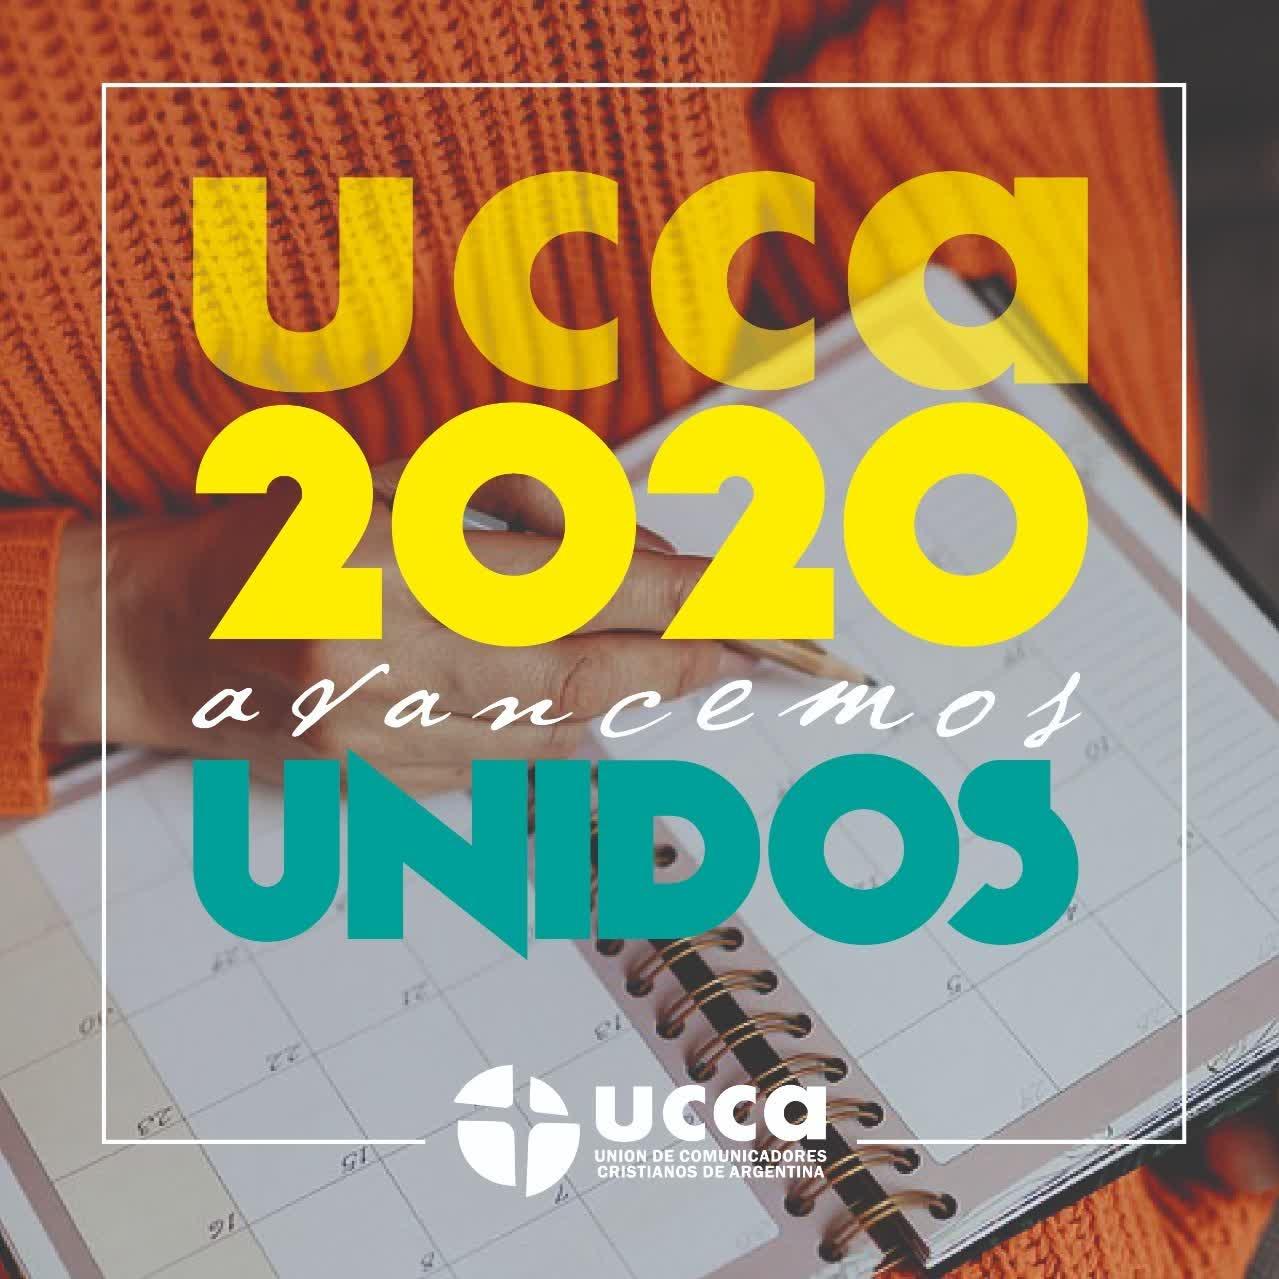 El trabajo de la UCCA para capacitar a los comunicadores de Argentina